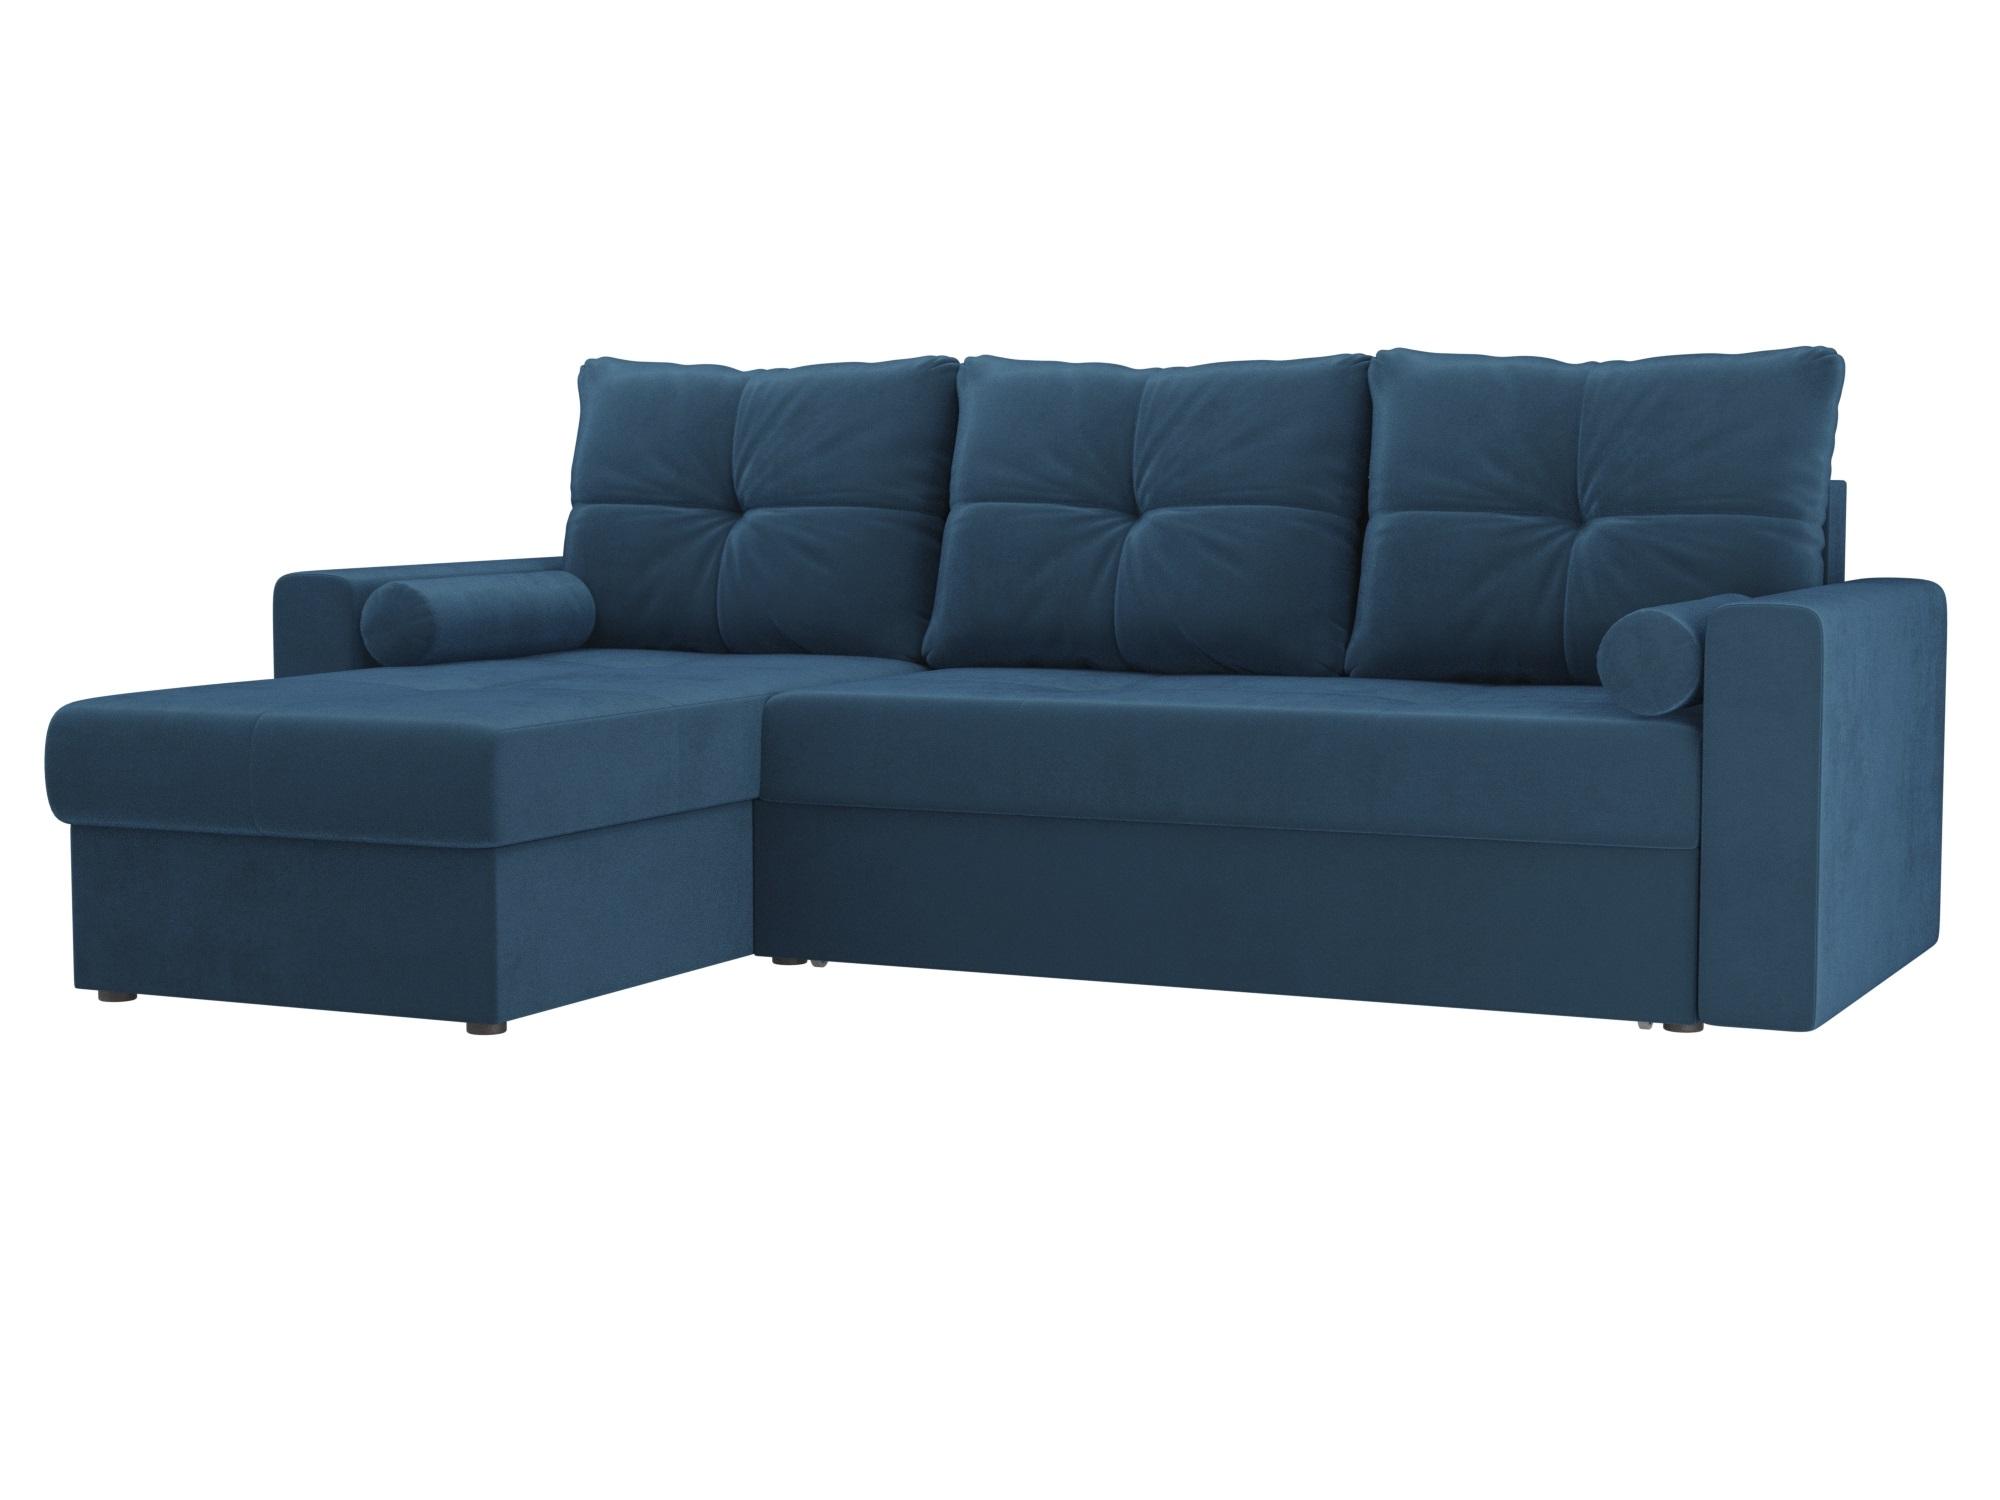 Угловой диван Верона левый MebelVia Голубой